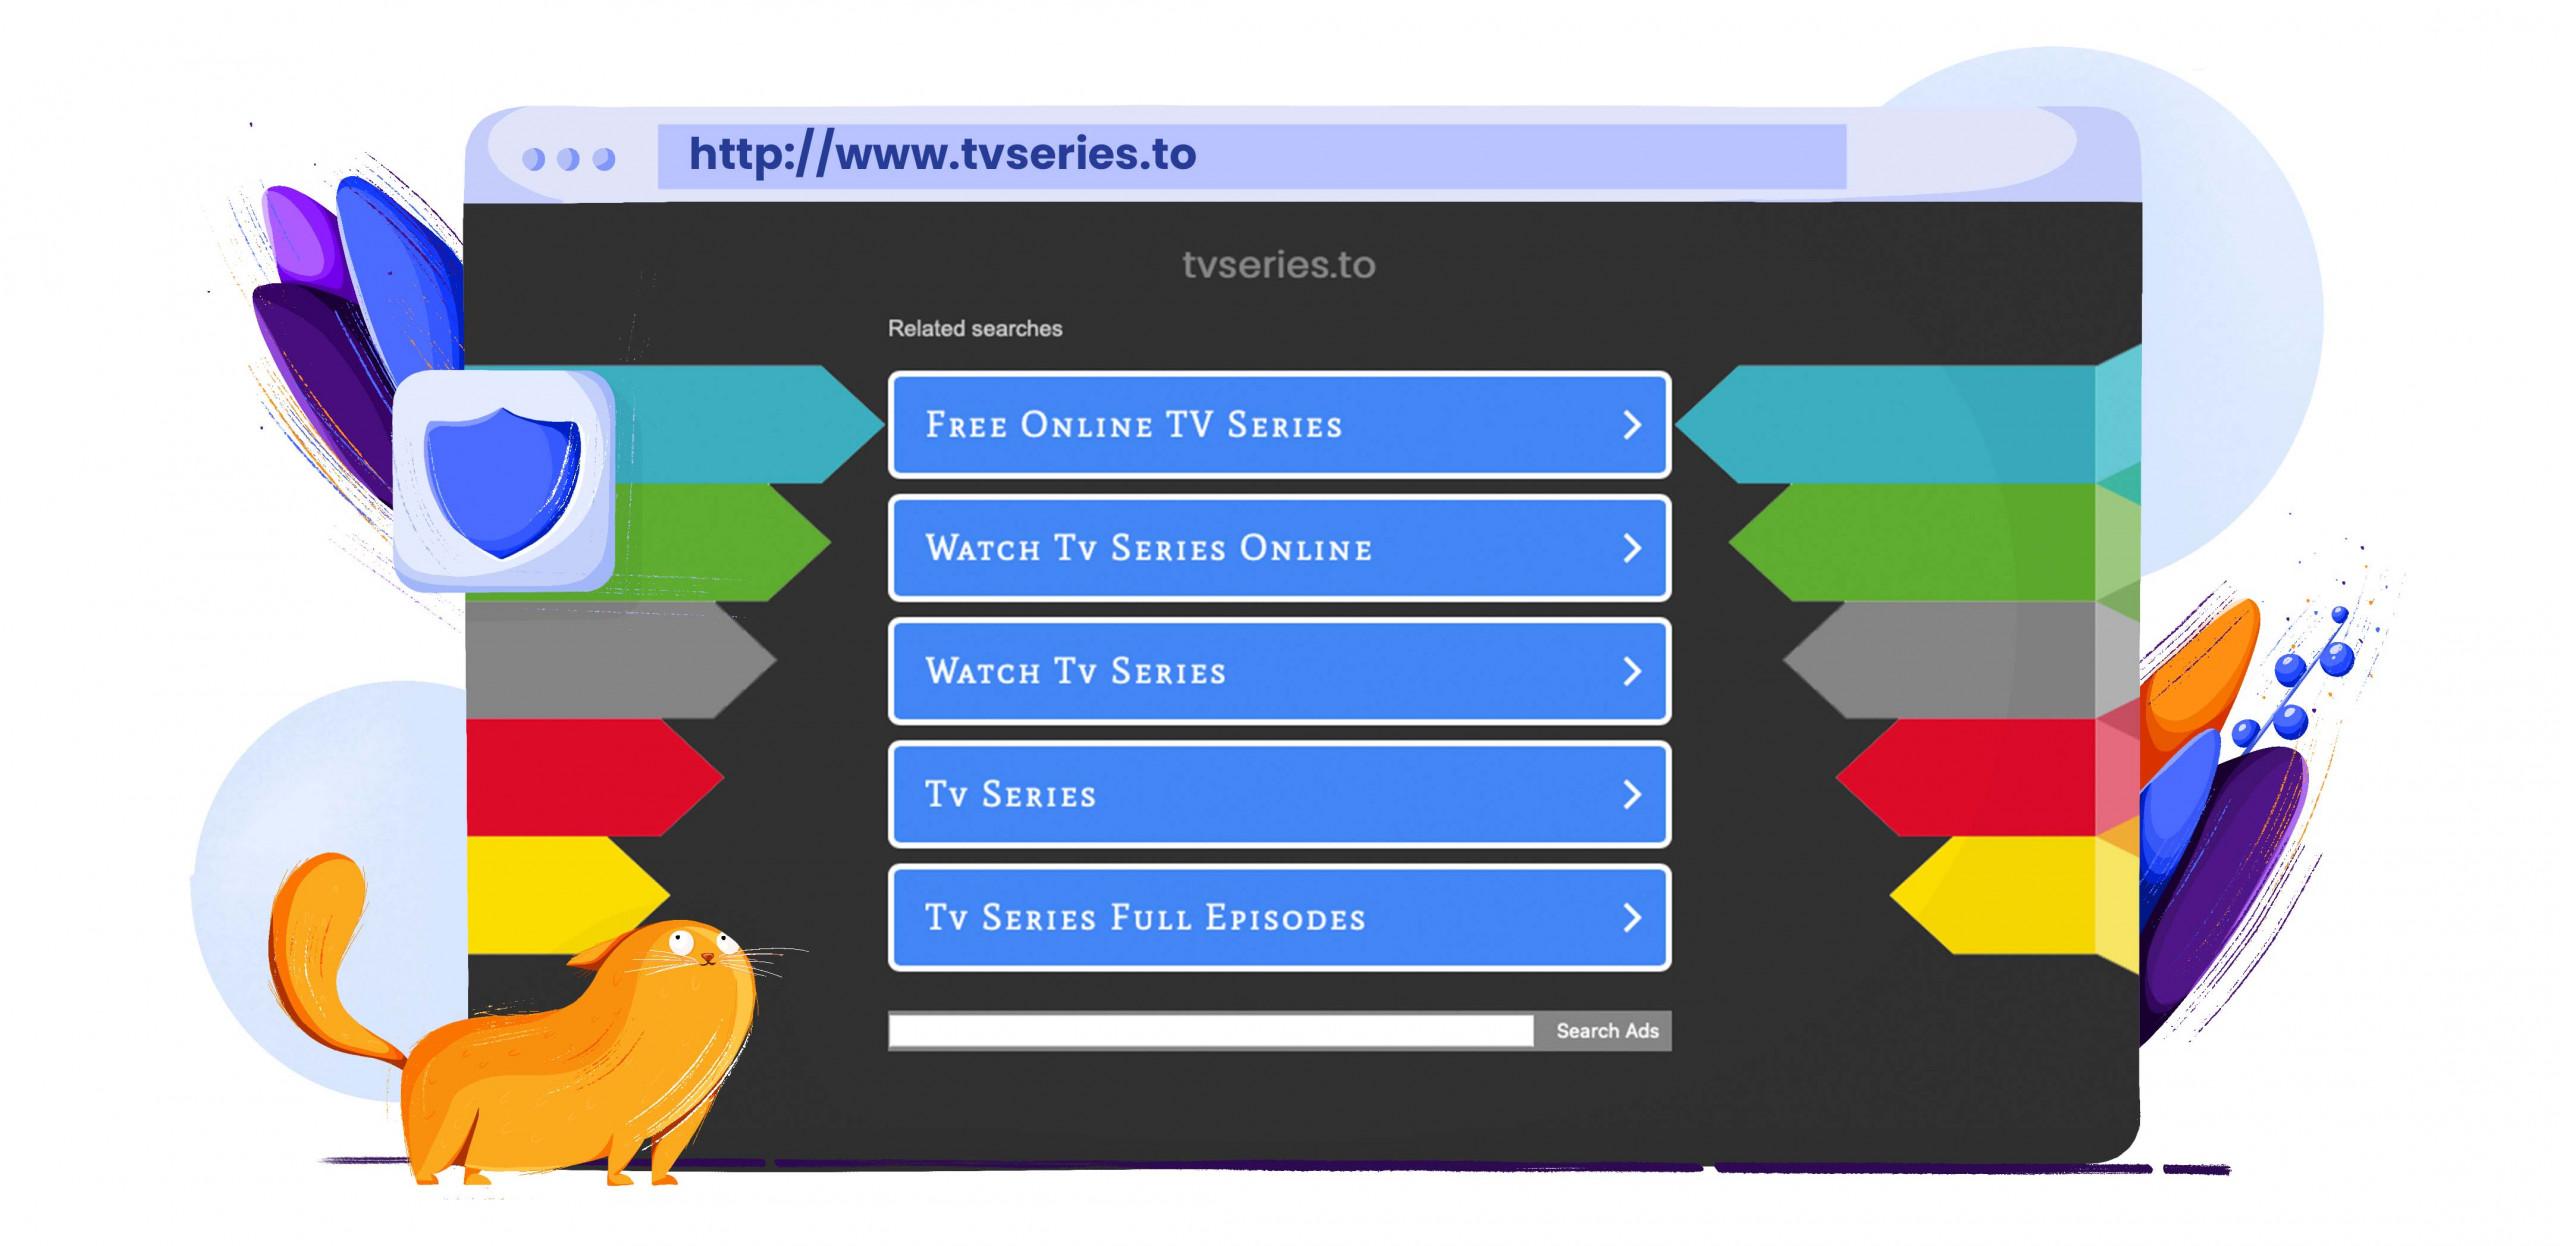 Accedi gratuitamente ai programmi TV su TVSeries